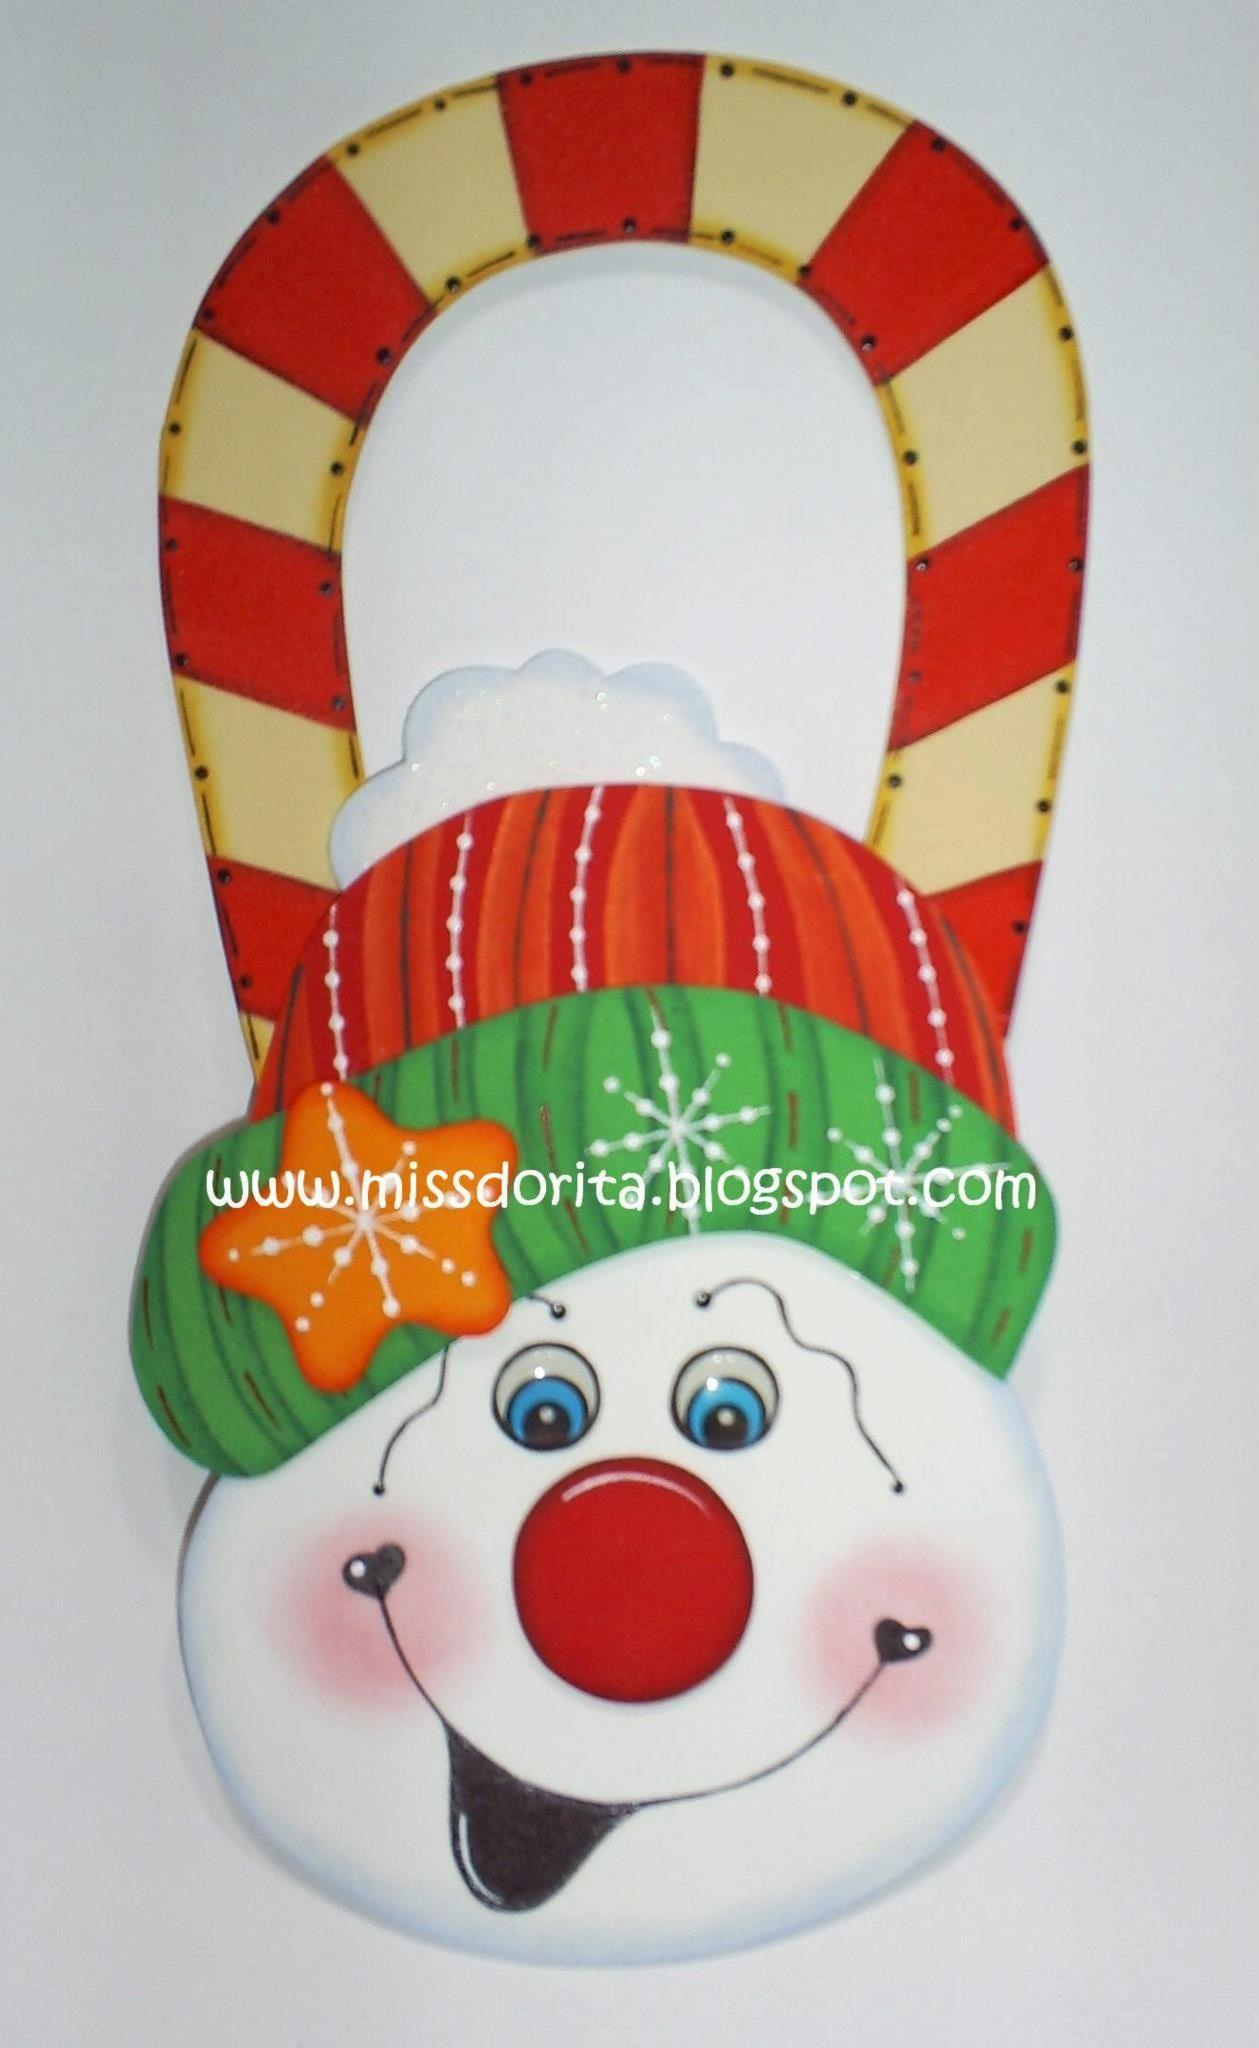 Muñeco de nieve | muñecos nieve y genjibre | Pinterest | Nieve ...